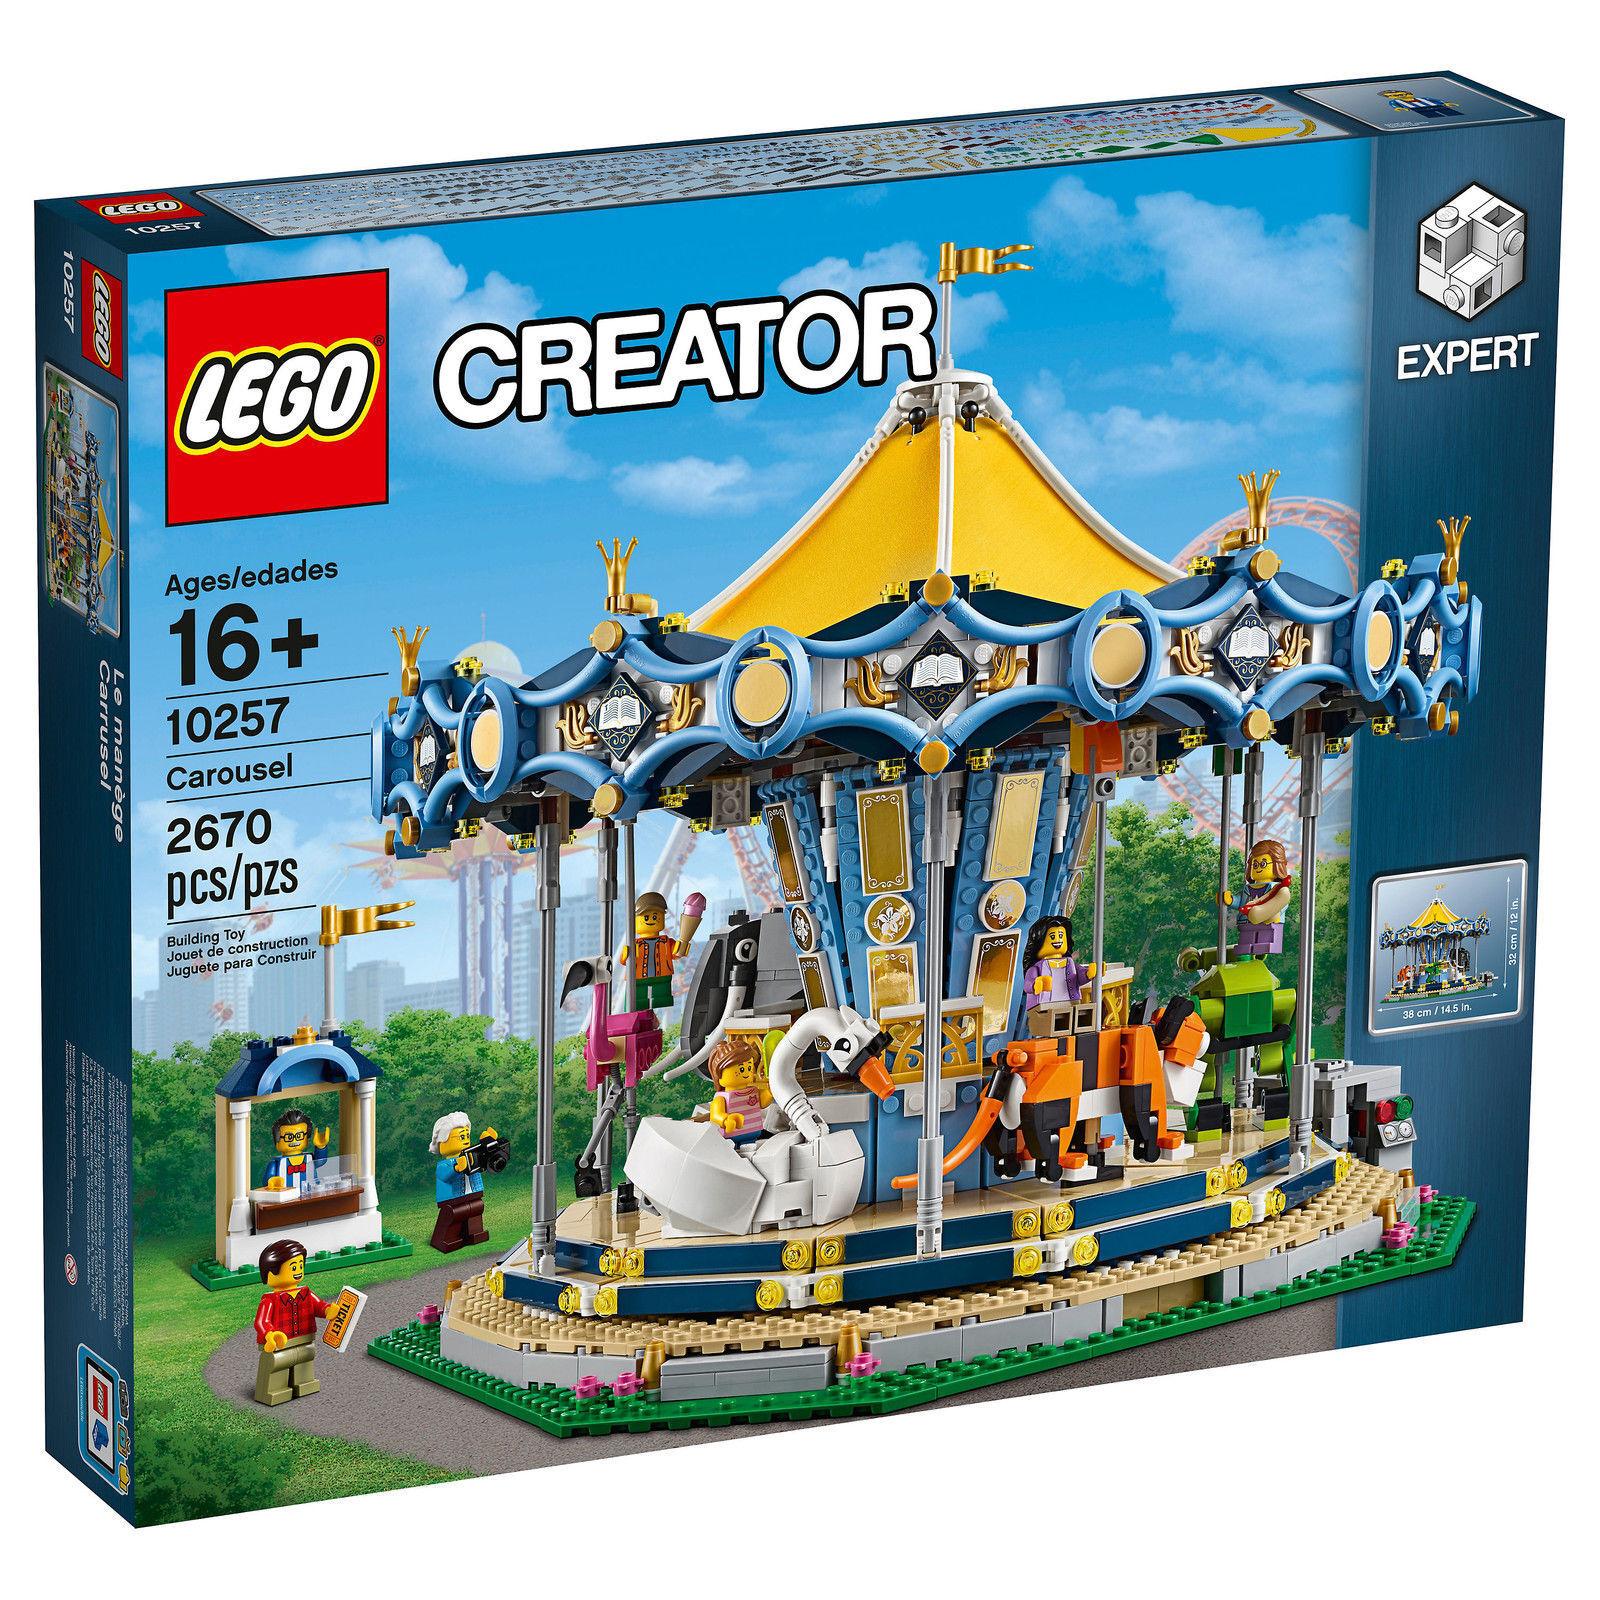 LEGO Creator Carousel 2017 (10257) BNIB - LEGO SUPPLIER - FREE SHIPPING